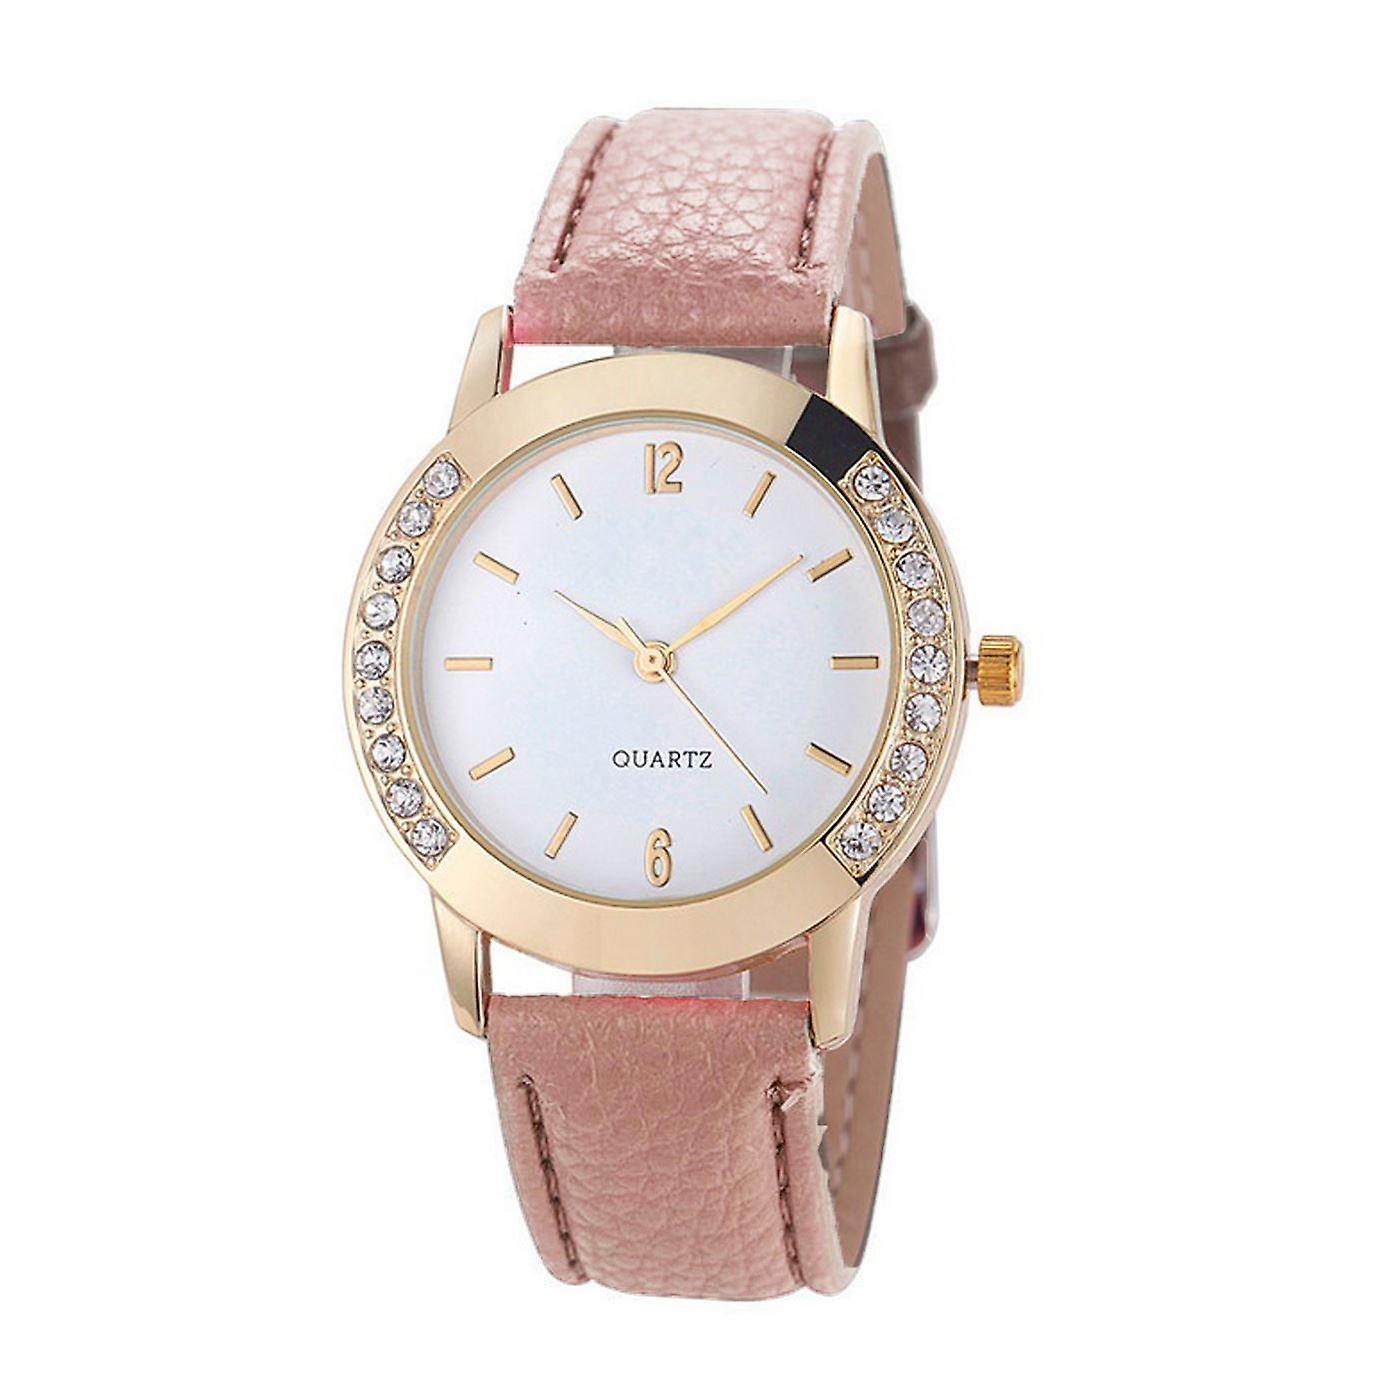 Gold Geneva Beige Watch Ladies Girls Fashion Watches